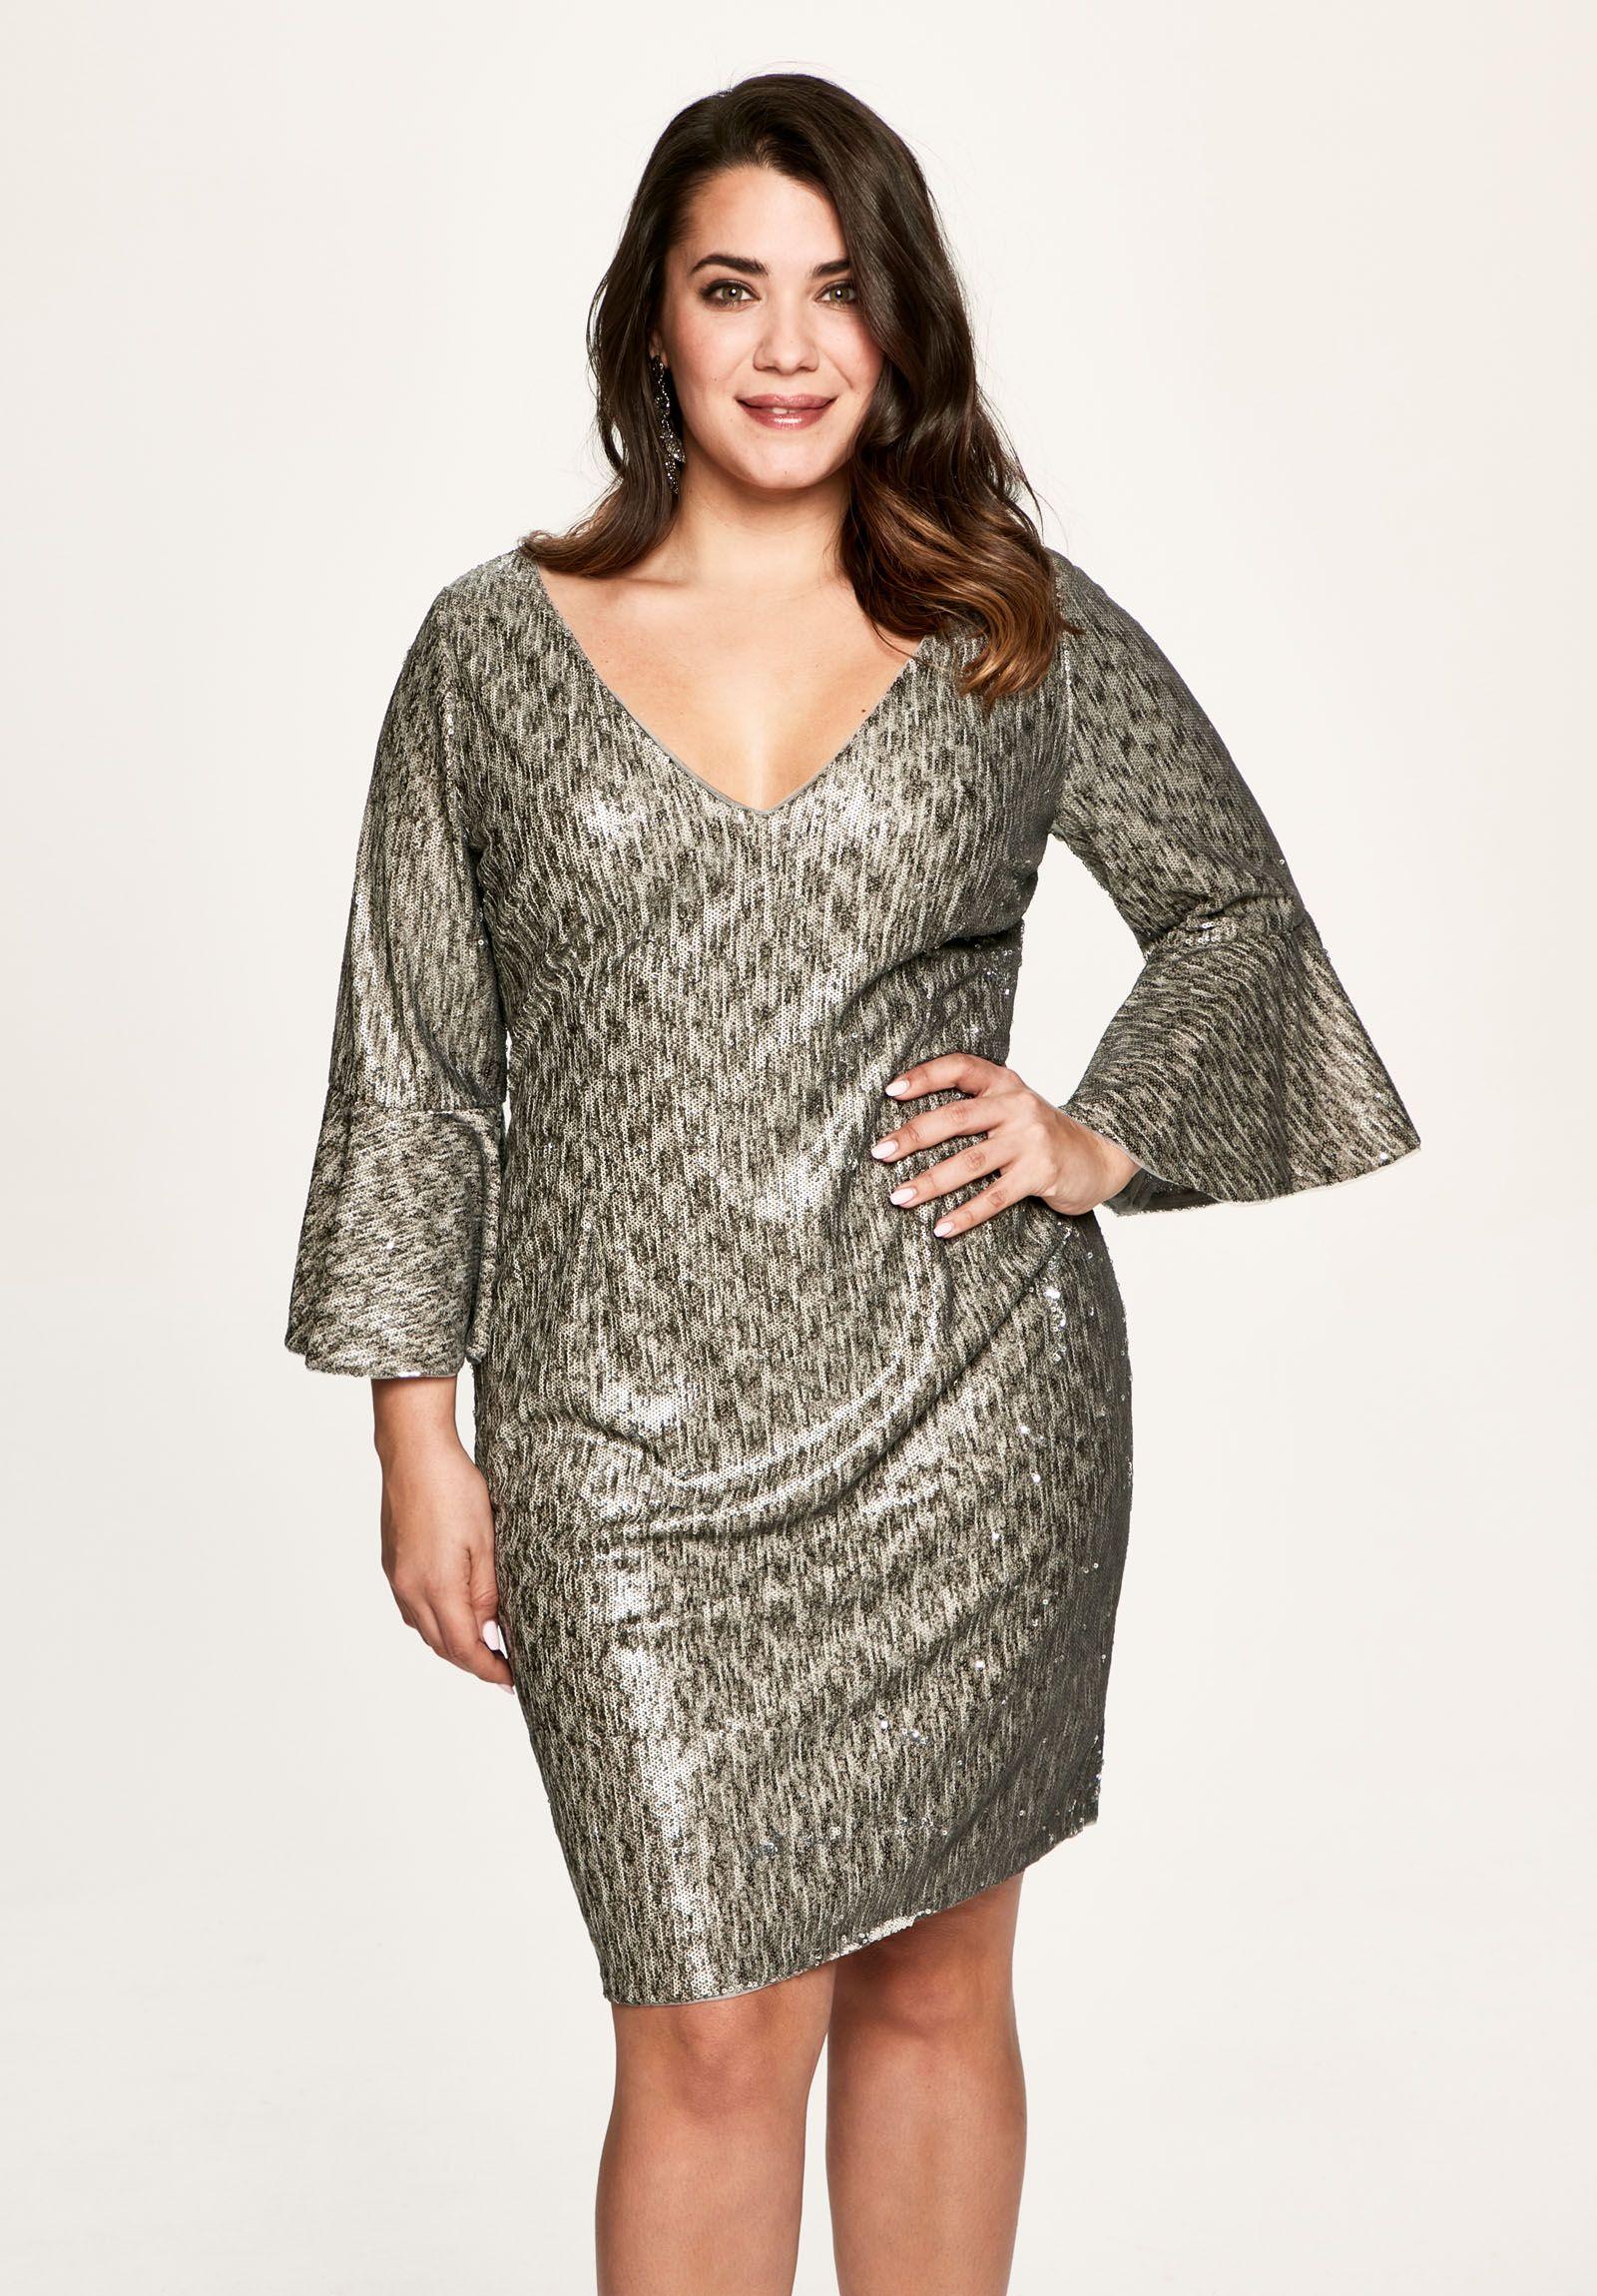 af98a628e7 Vestidos de fiesta cortos en color plateado para tallas grandes. Tienda y  online. Fabricados